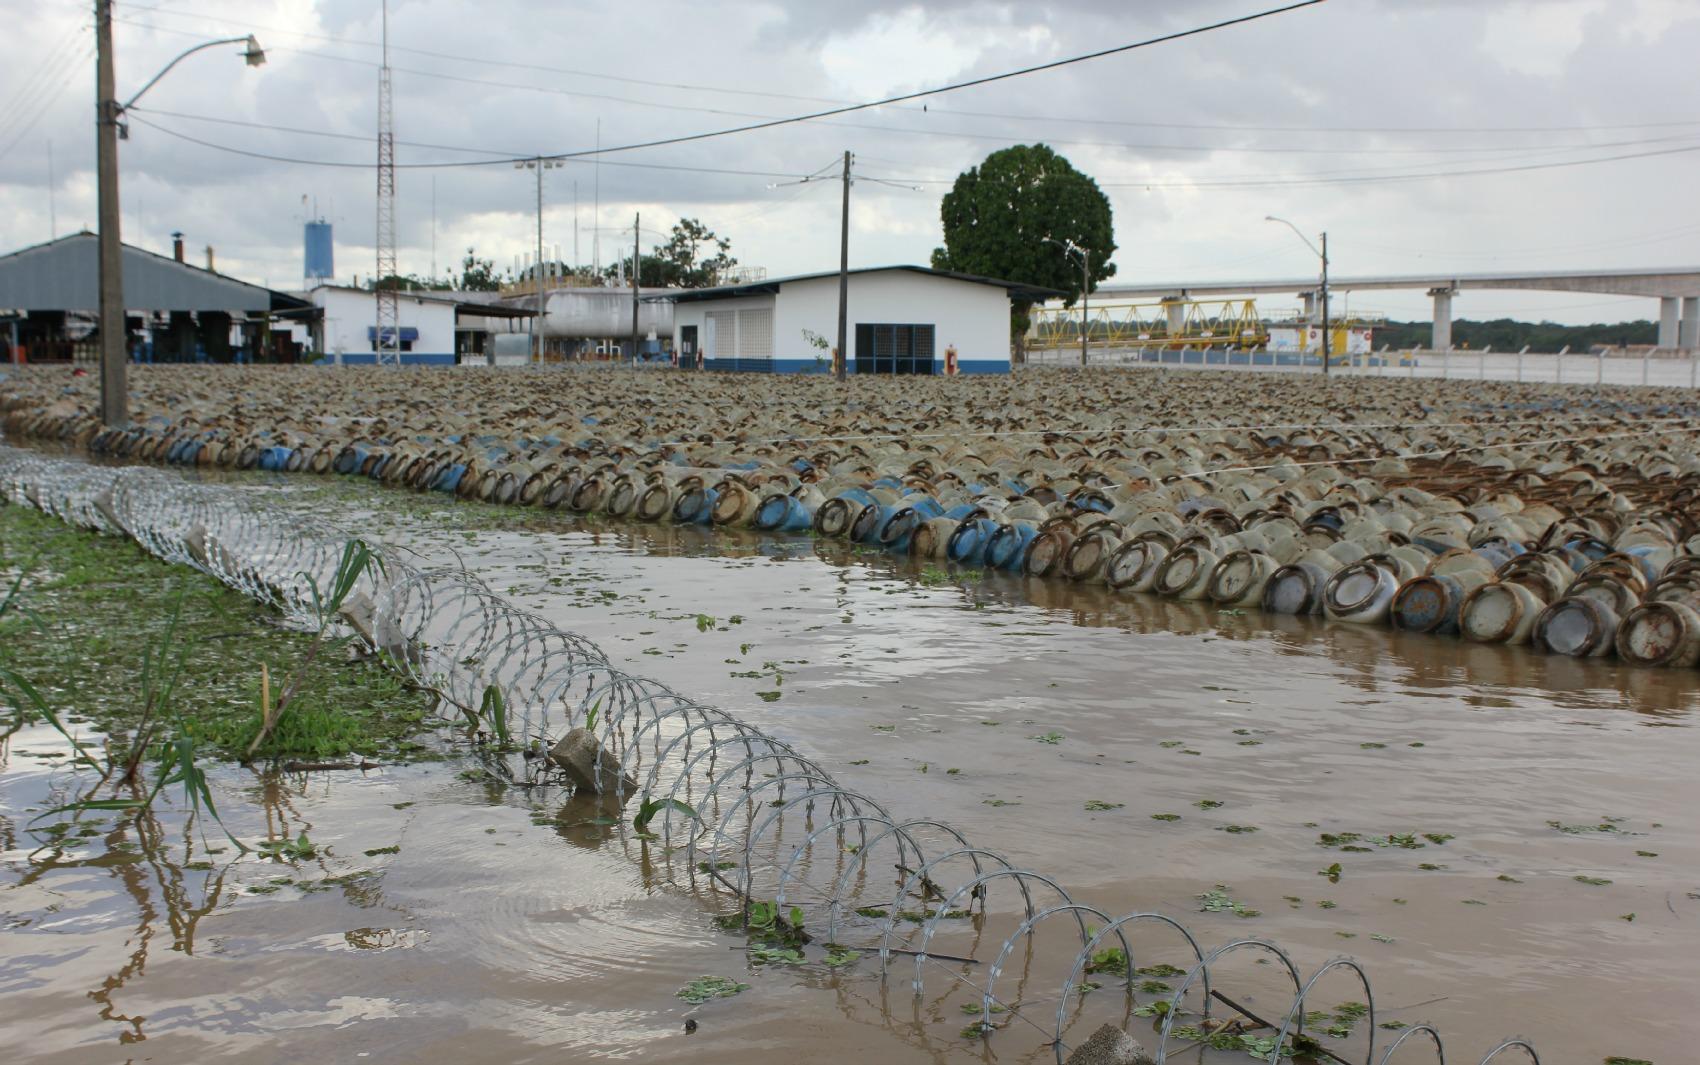 Botijões boiam em distribuidora de gás, após área ser tomada pela cheia do Rio Madeira